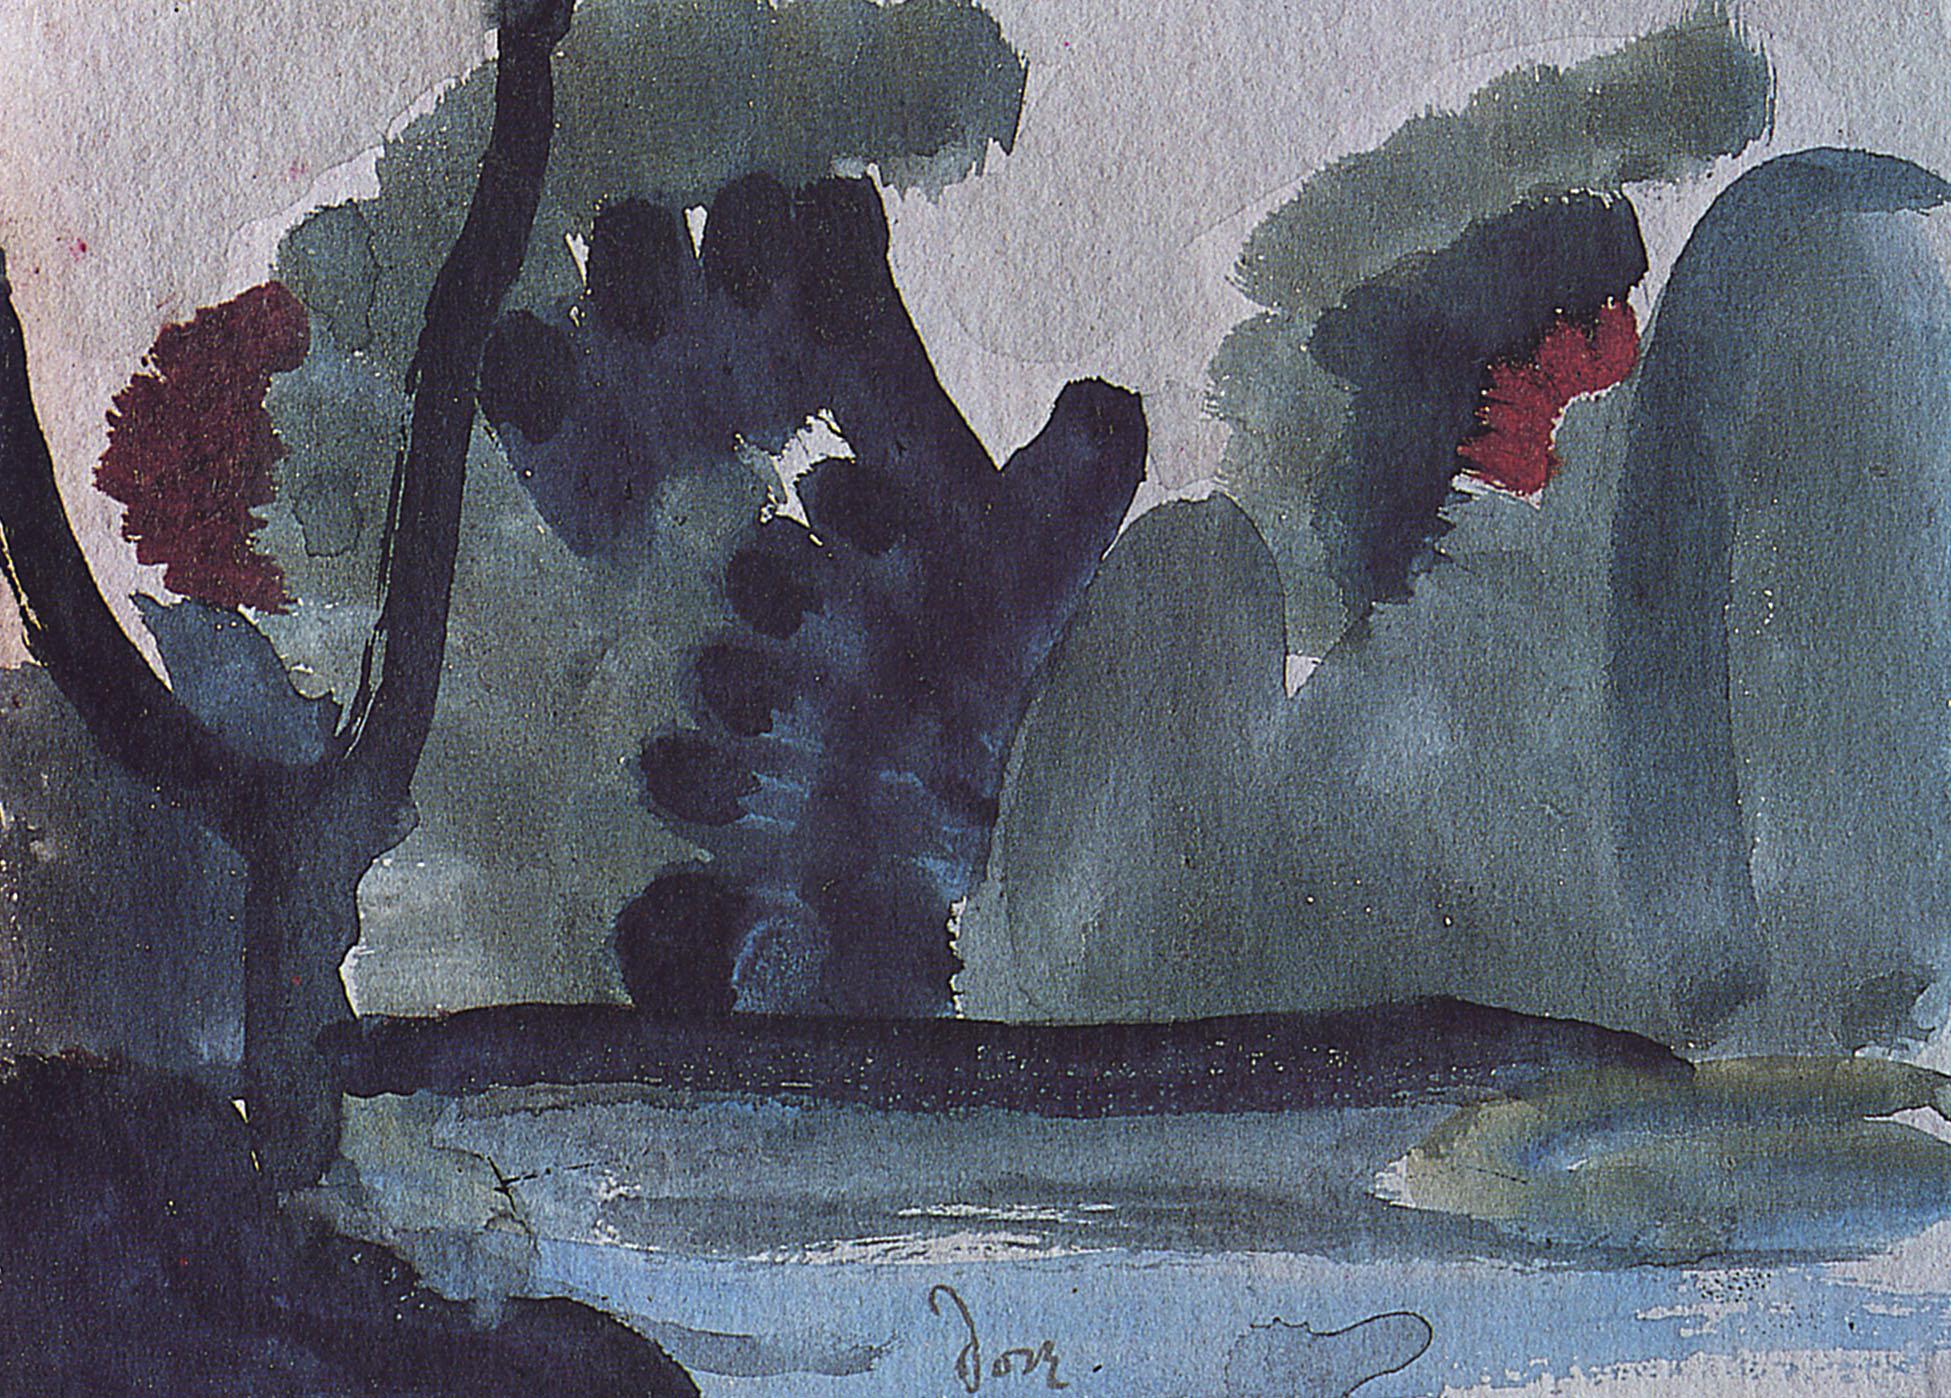 06_Wooded_Pond.jpg